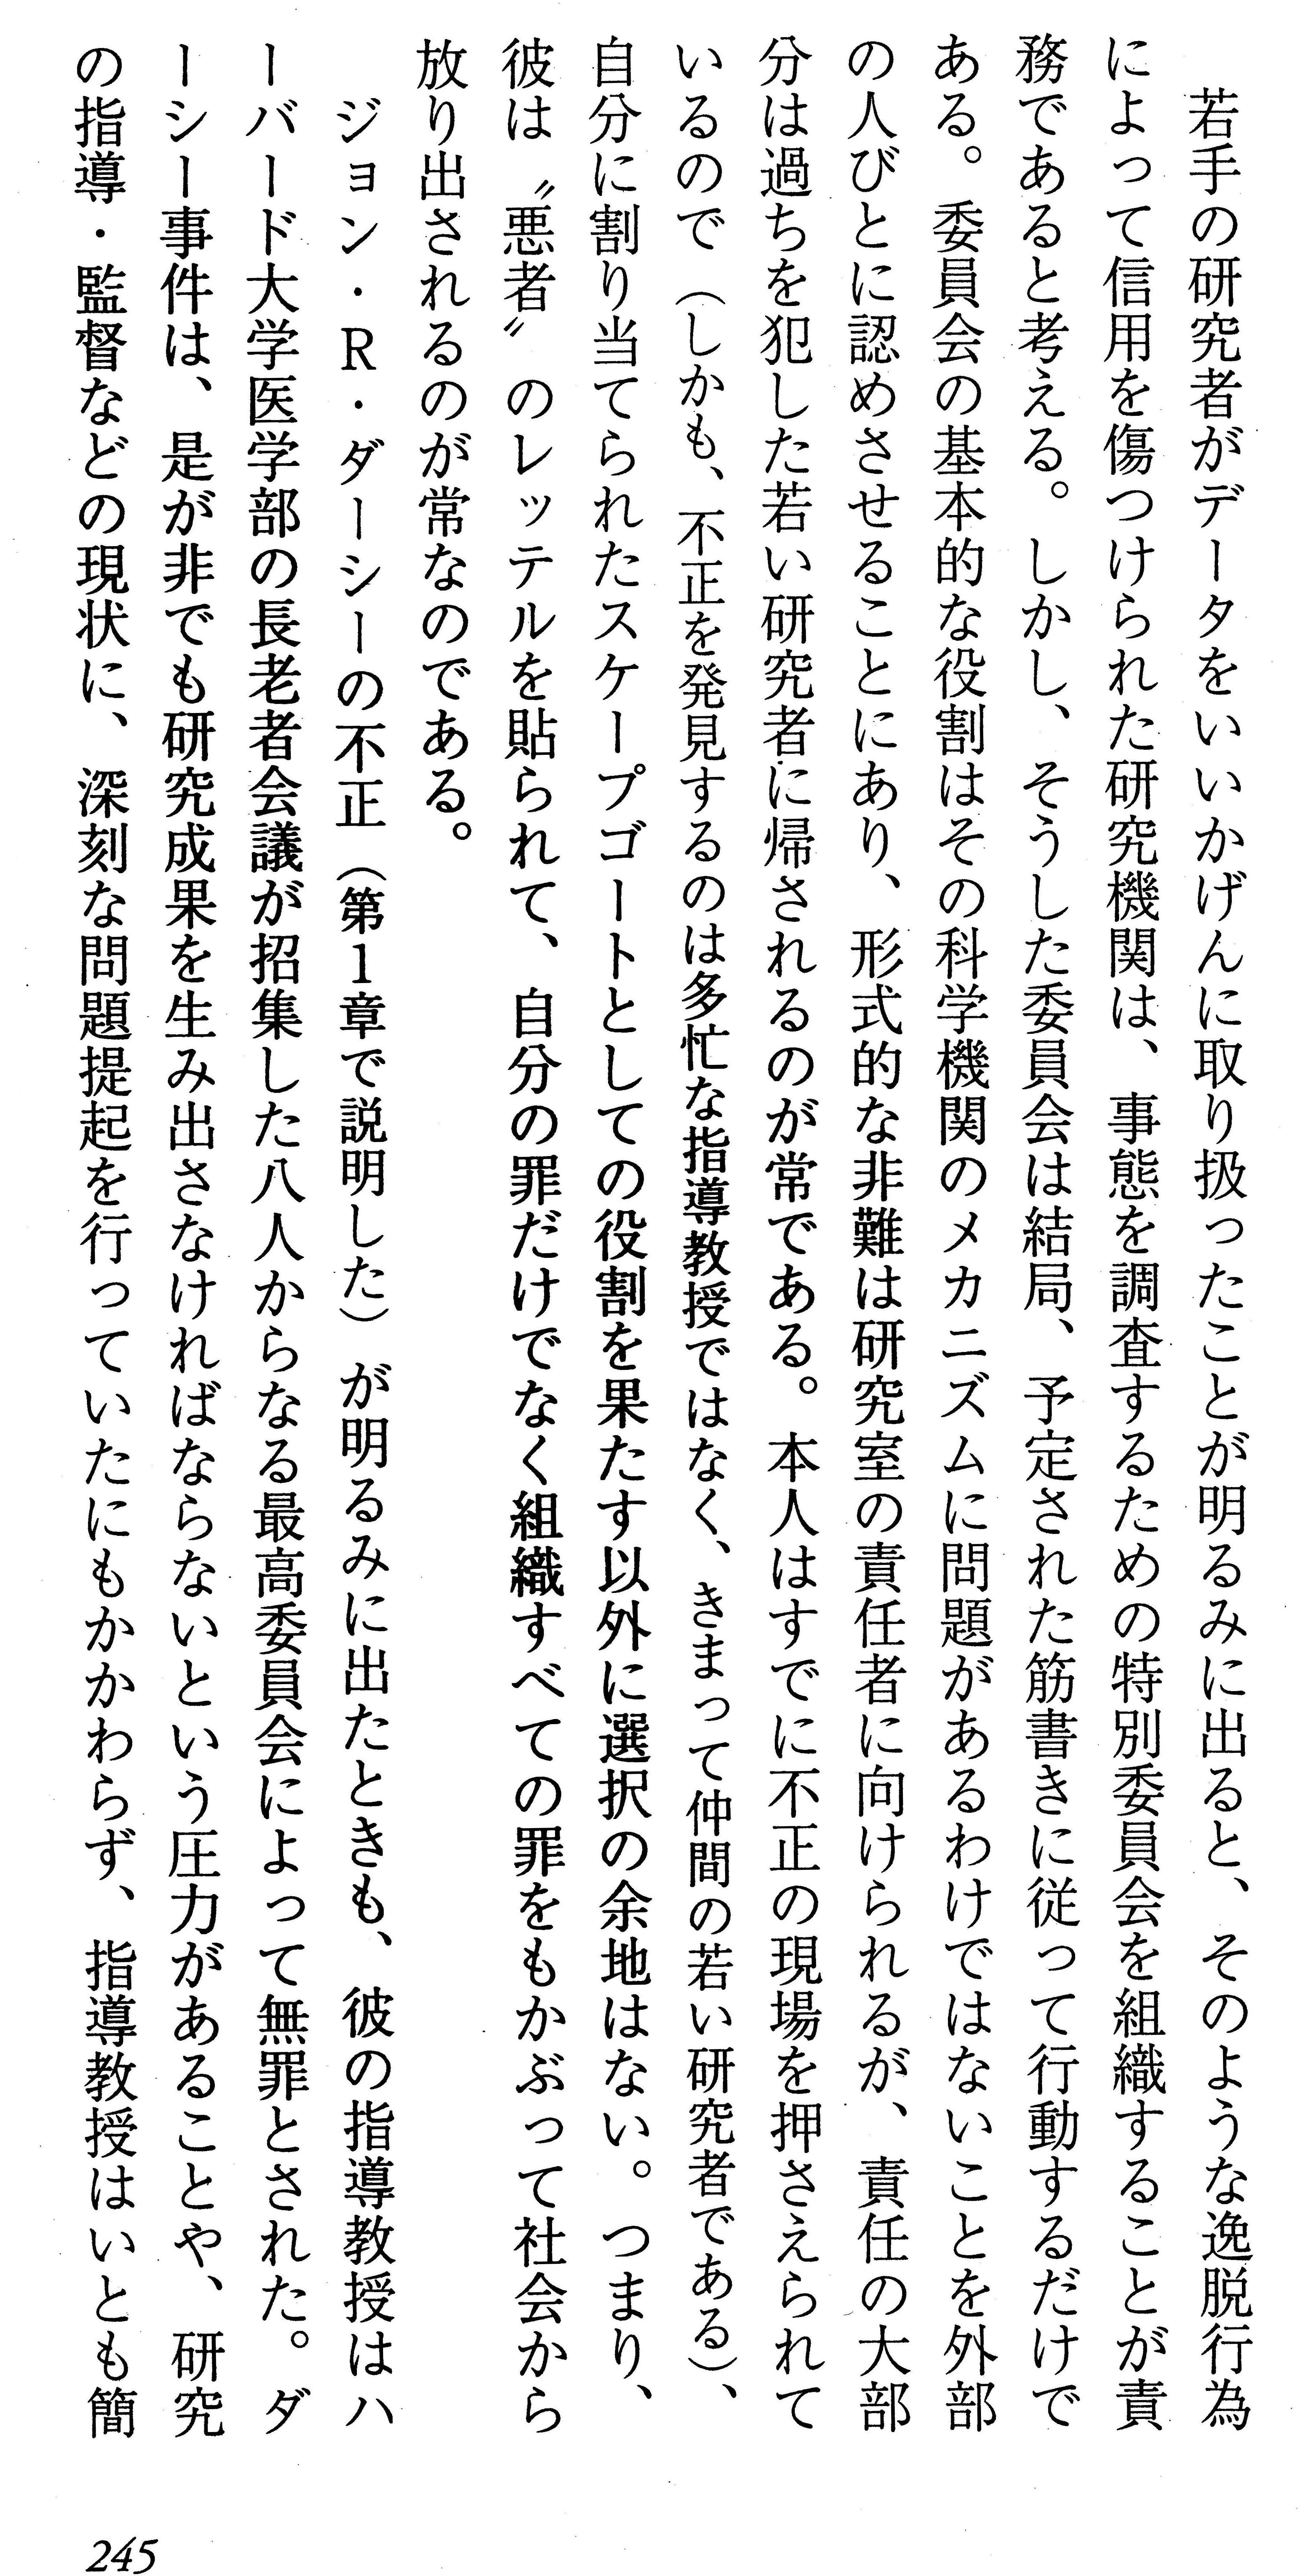 ダーシー1-2